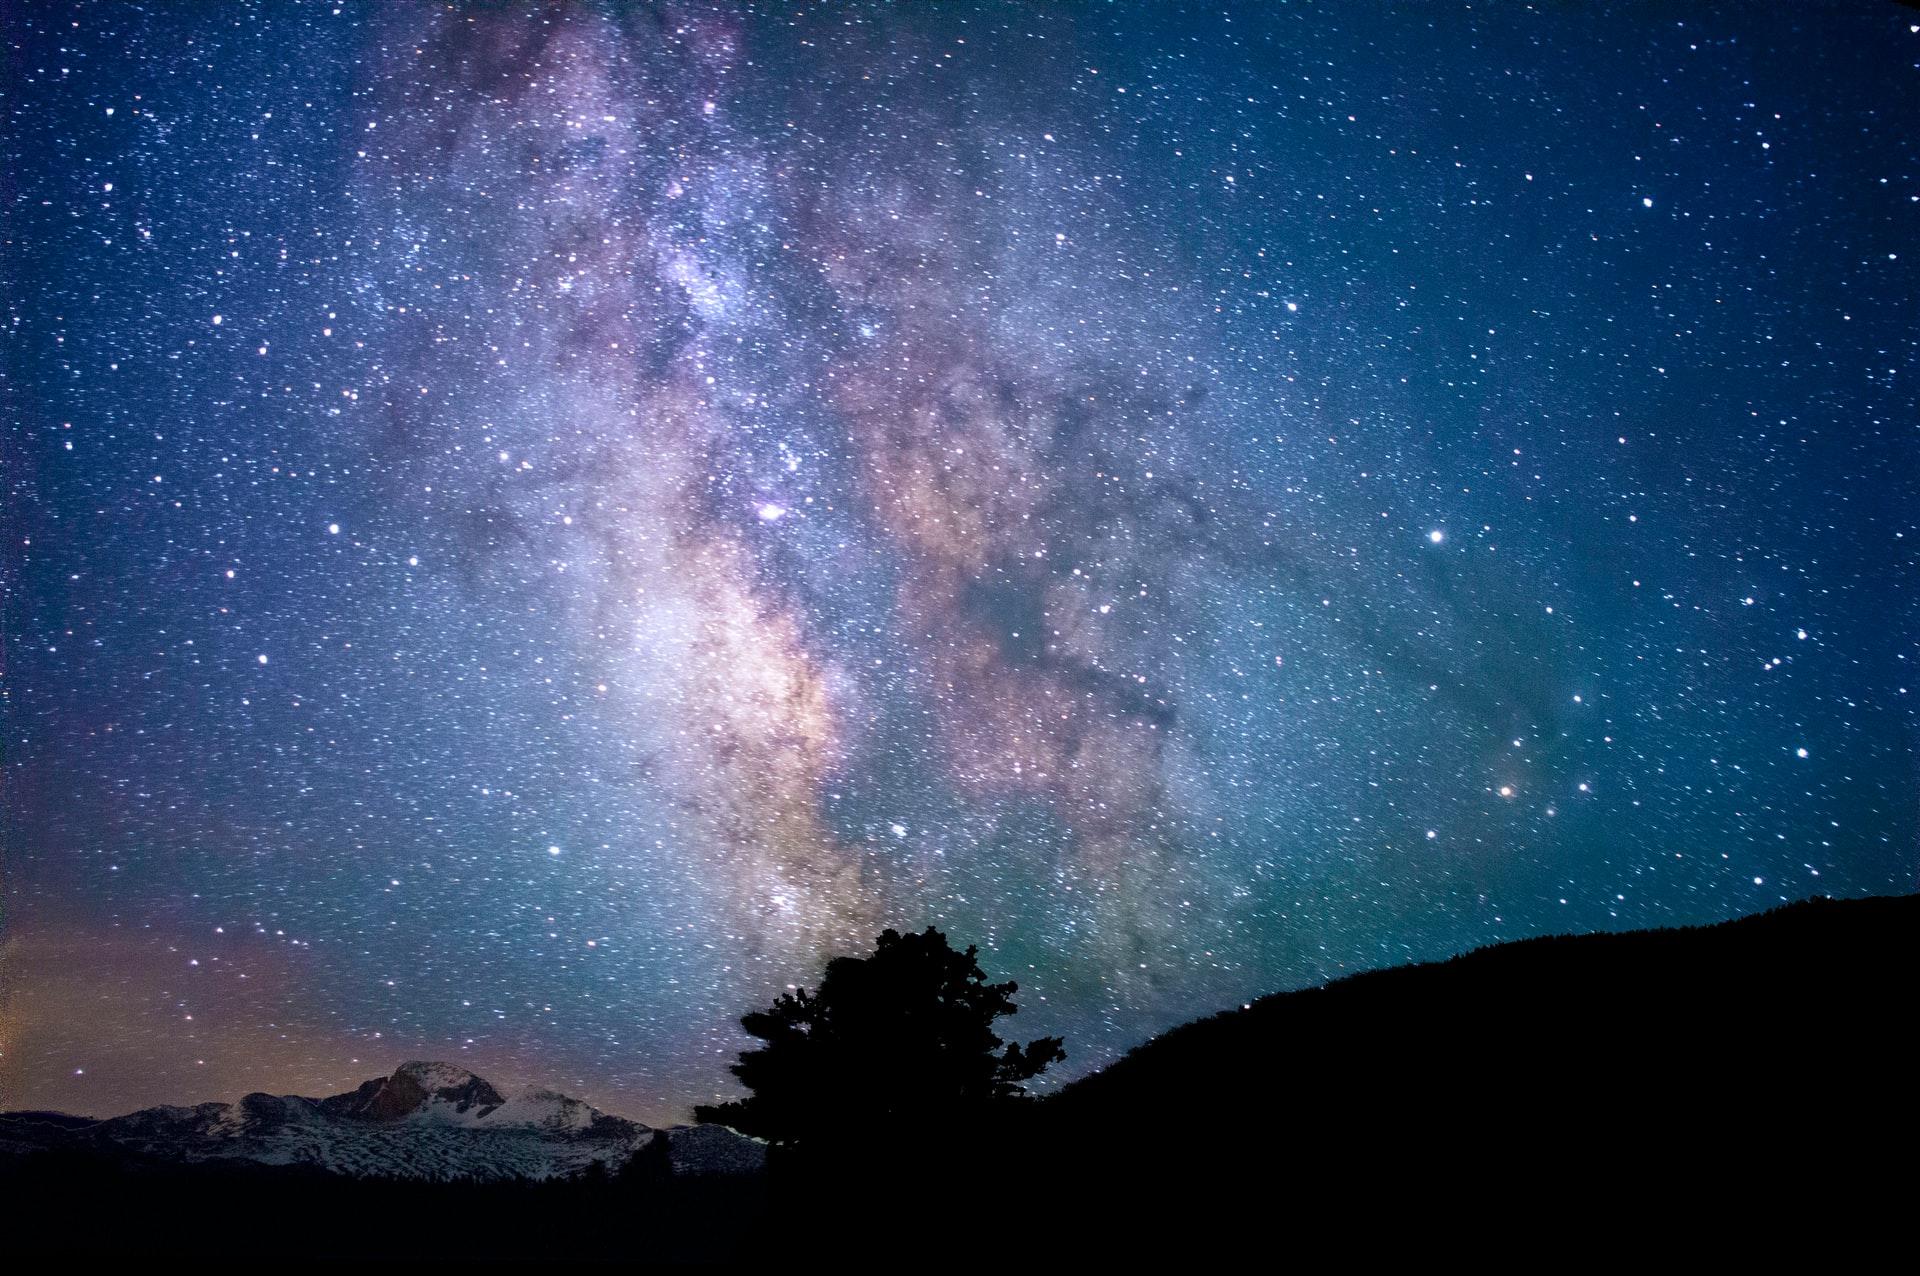 vue astronomique du ciel et des astres